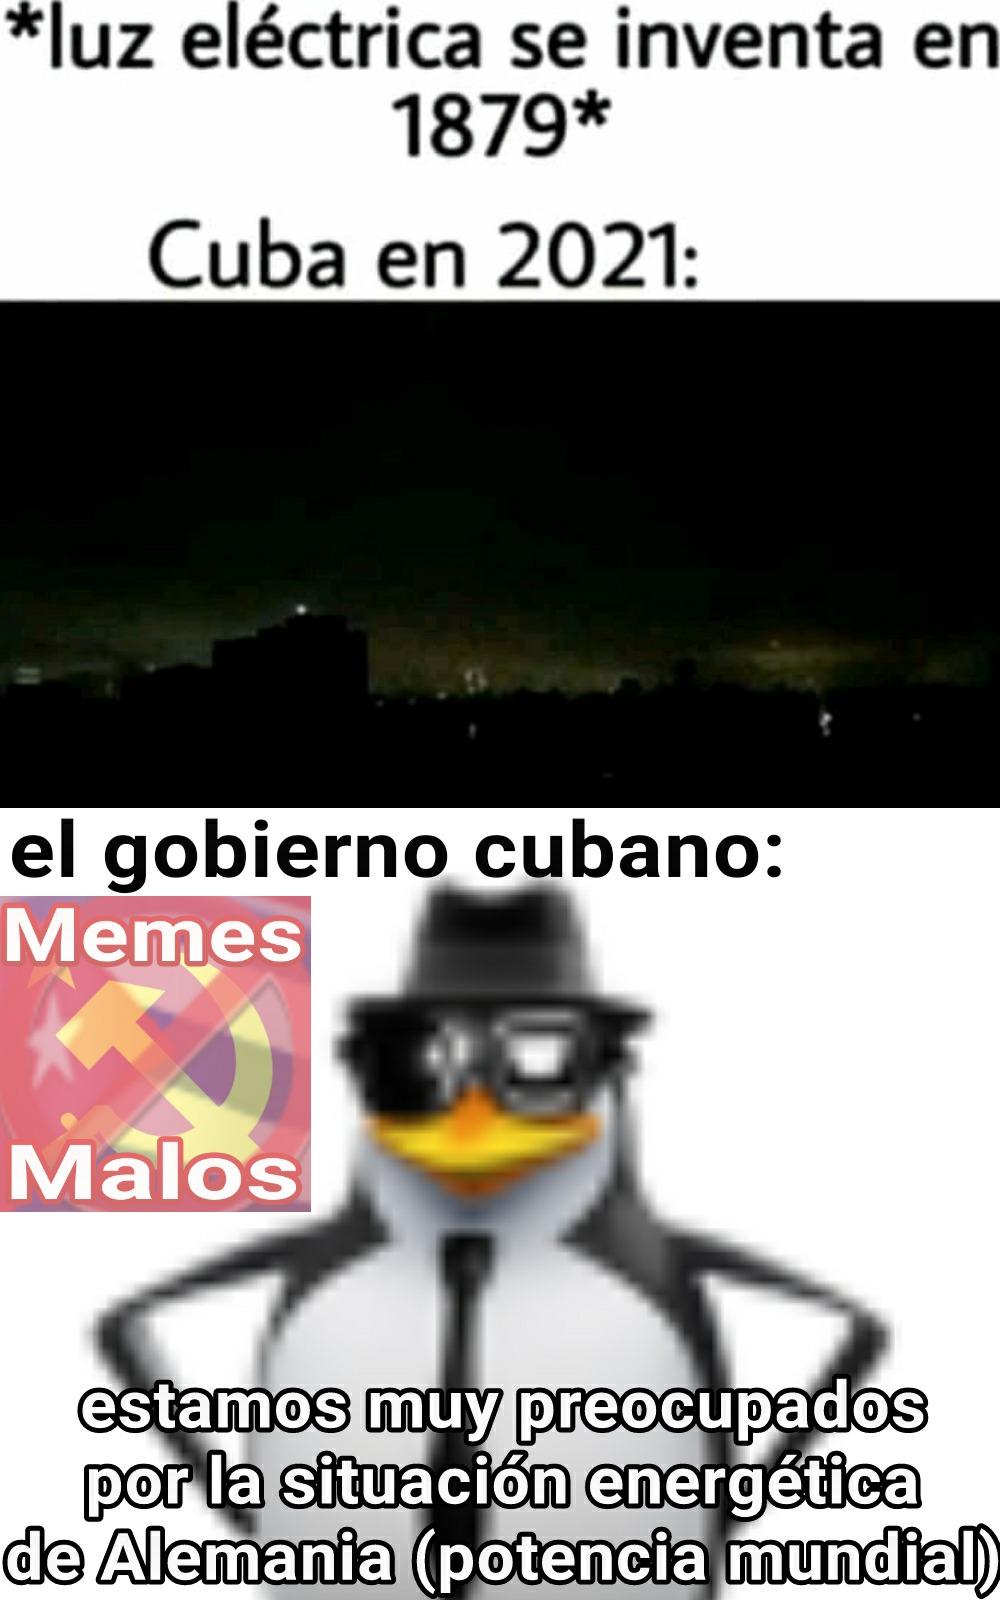 Cuba jodida con la electricidad y nuestro gobierno de mierda preocupado por la situación energética de Alemania - meme